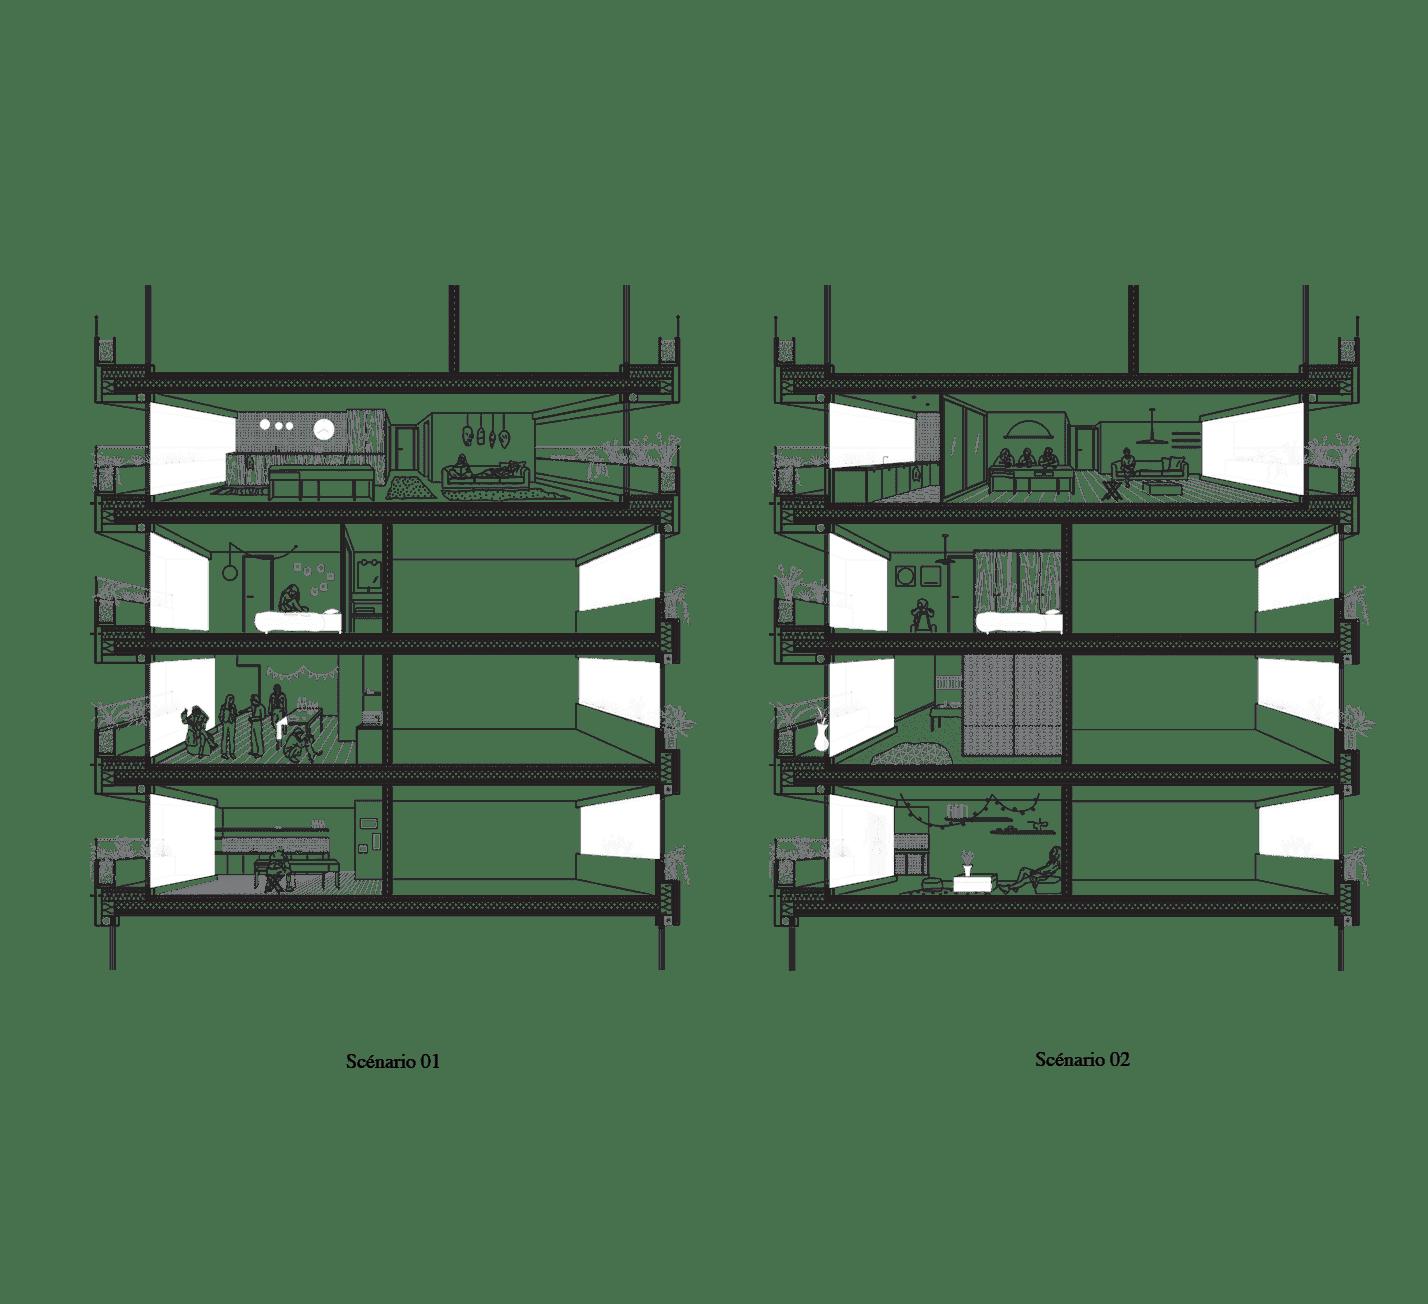 B1A5-logements-concours-architecture-paris-construction-atelier-steve-Axo-3